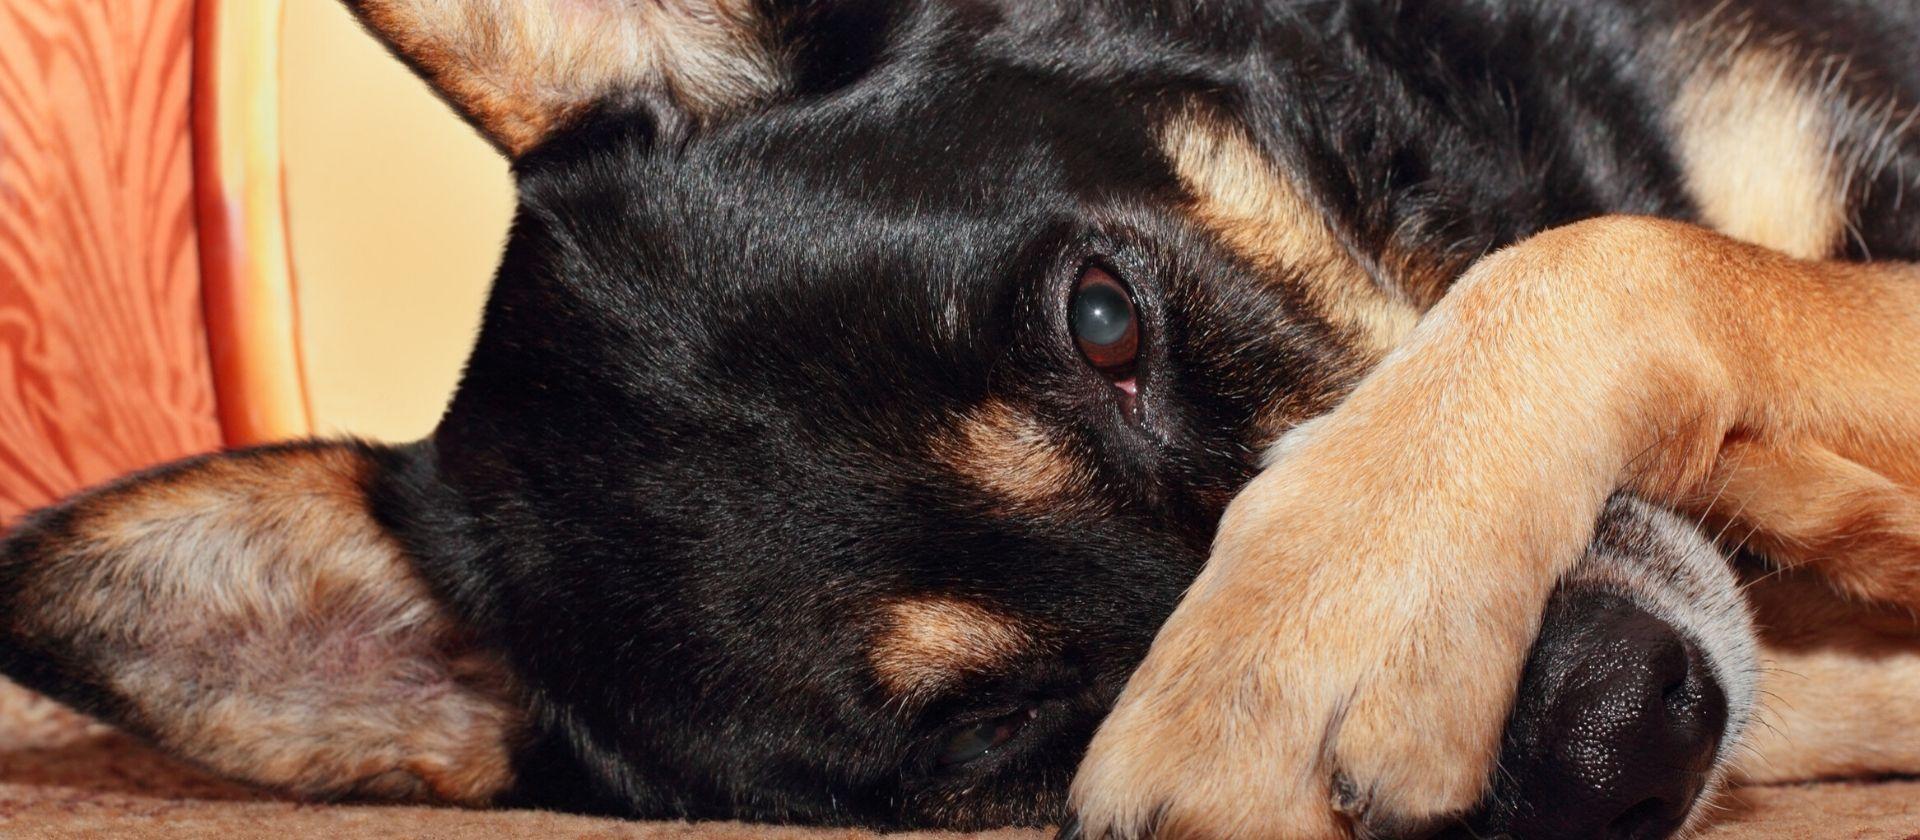 Las enfermedades de los ojos en los perros que deberías conocer